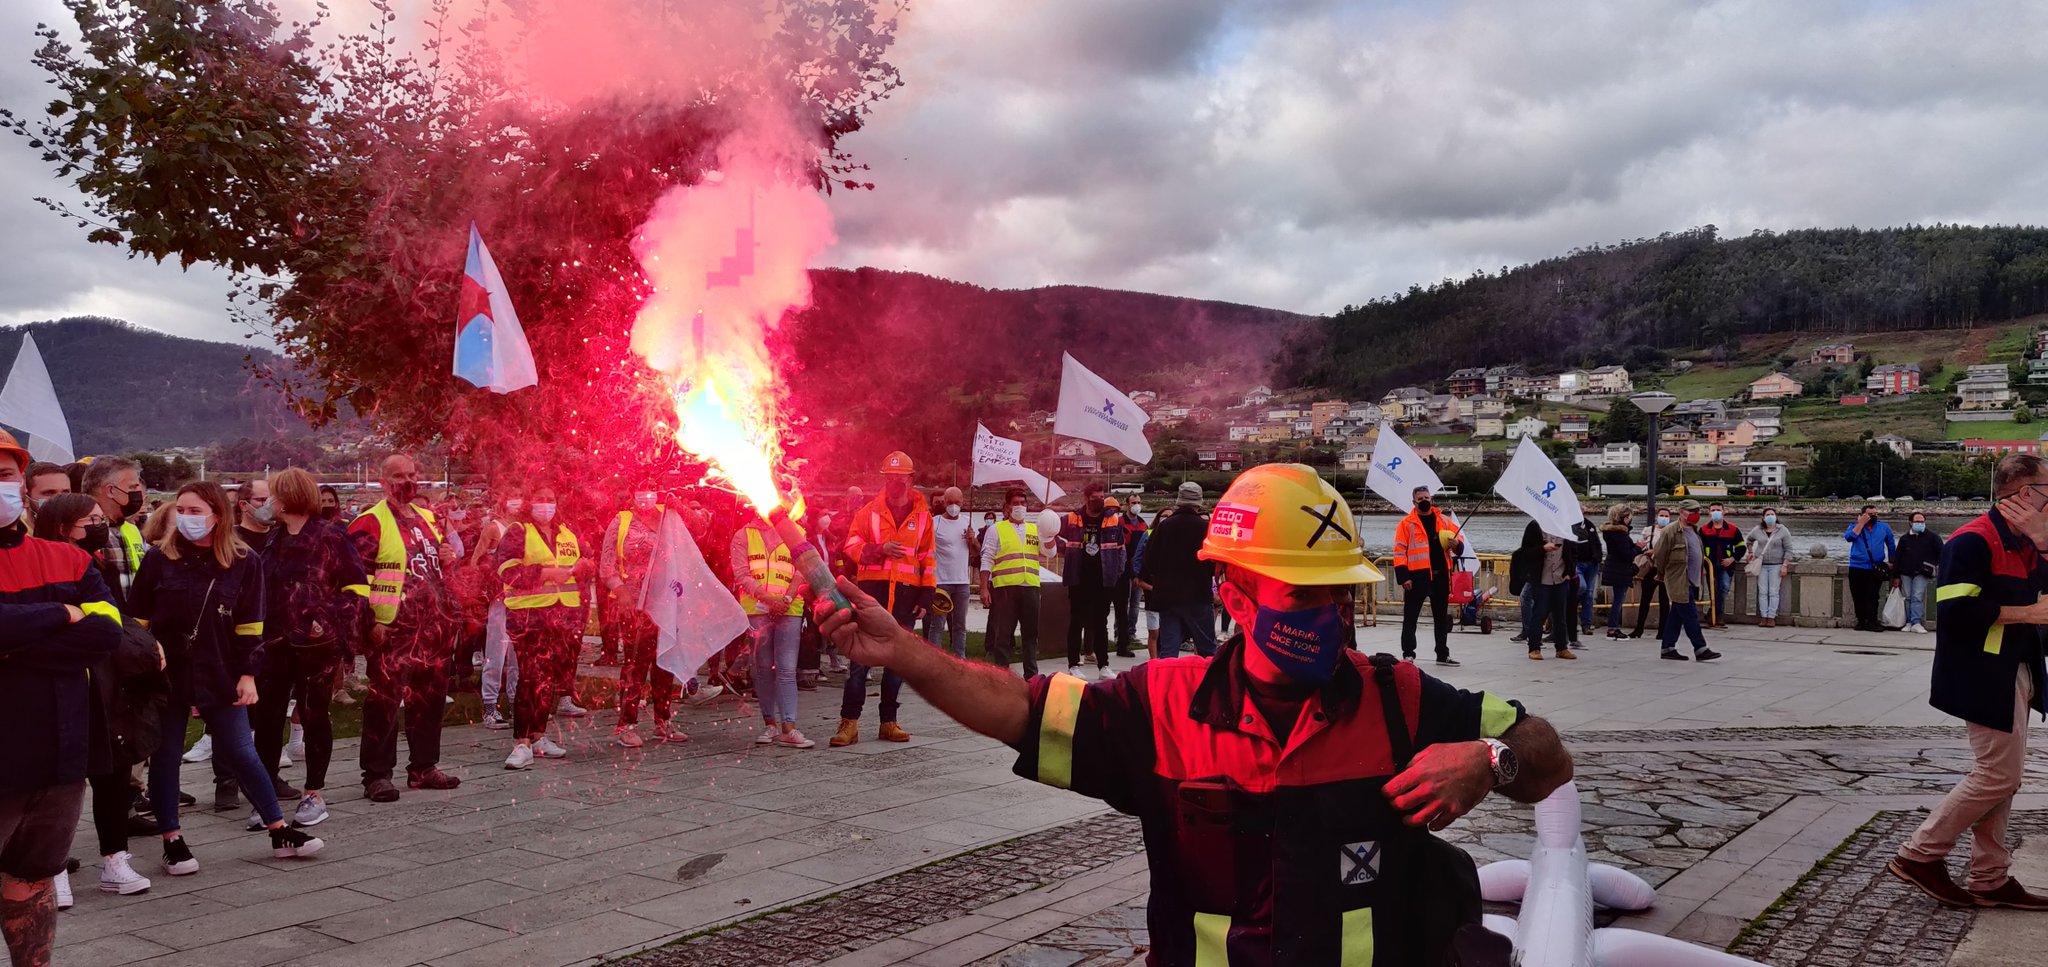 A Mariña, en pie de guerra: miles de personas se manifiestan contra el cierre de Alcoa y Vestas